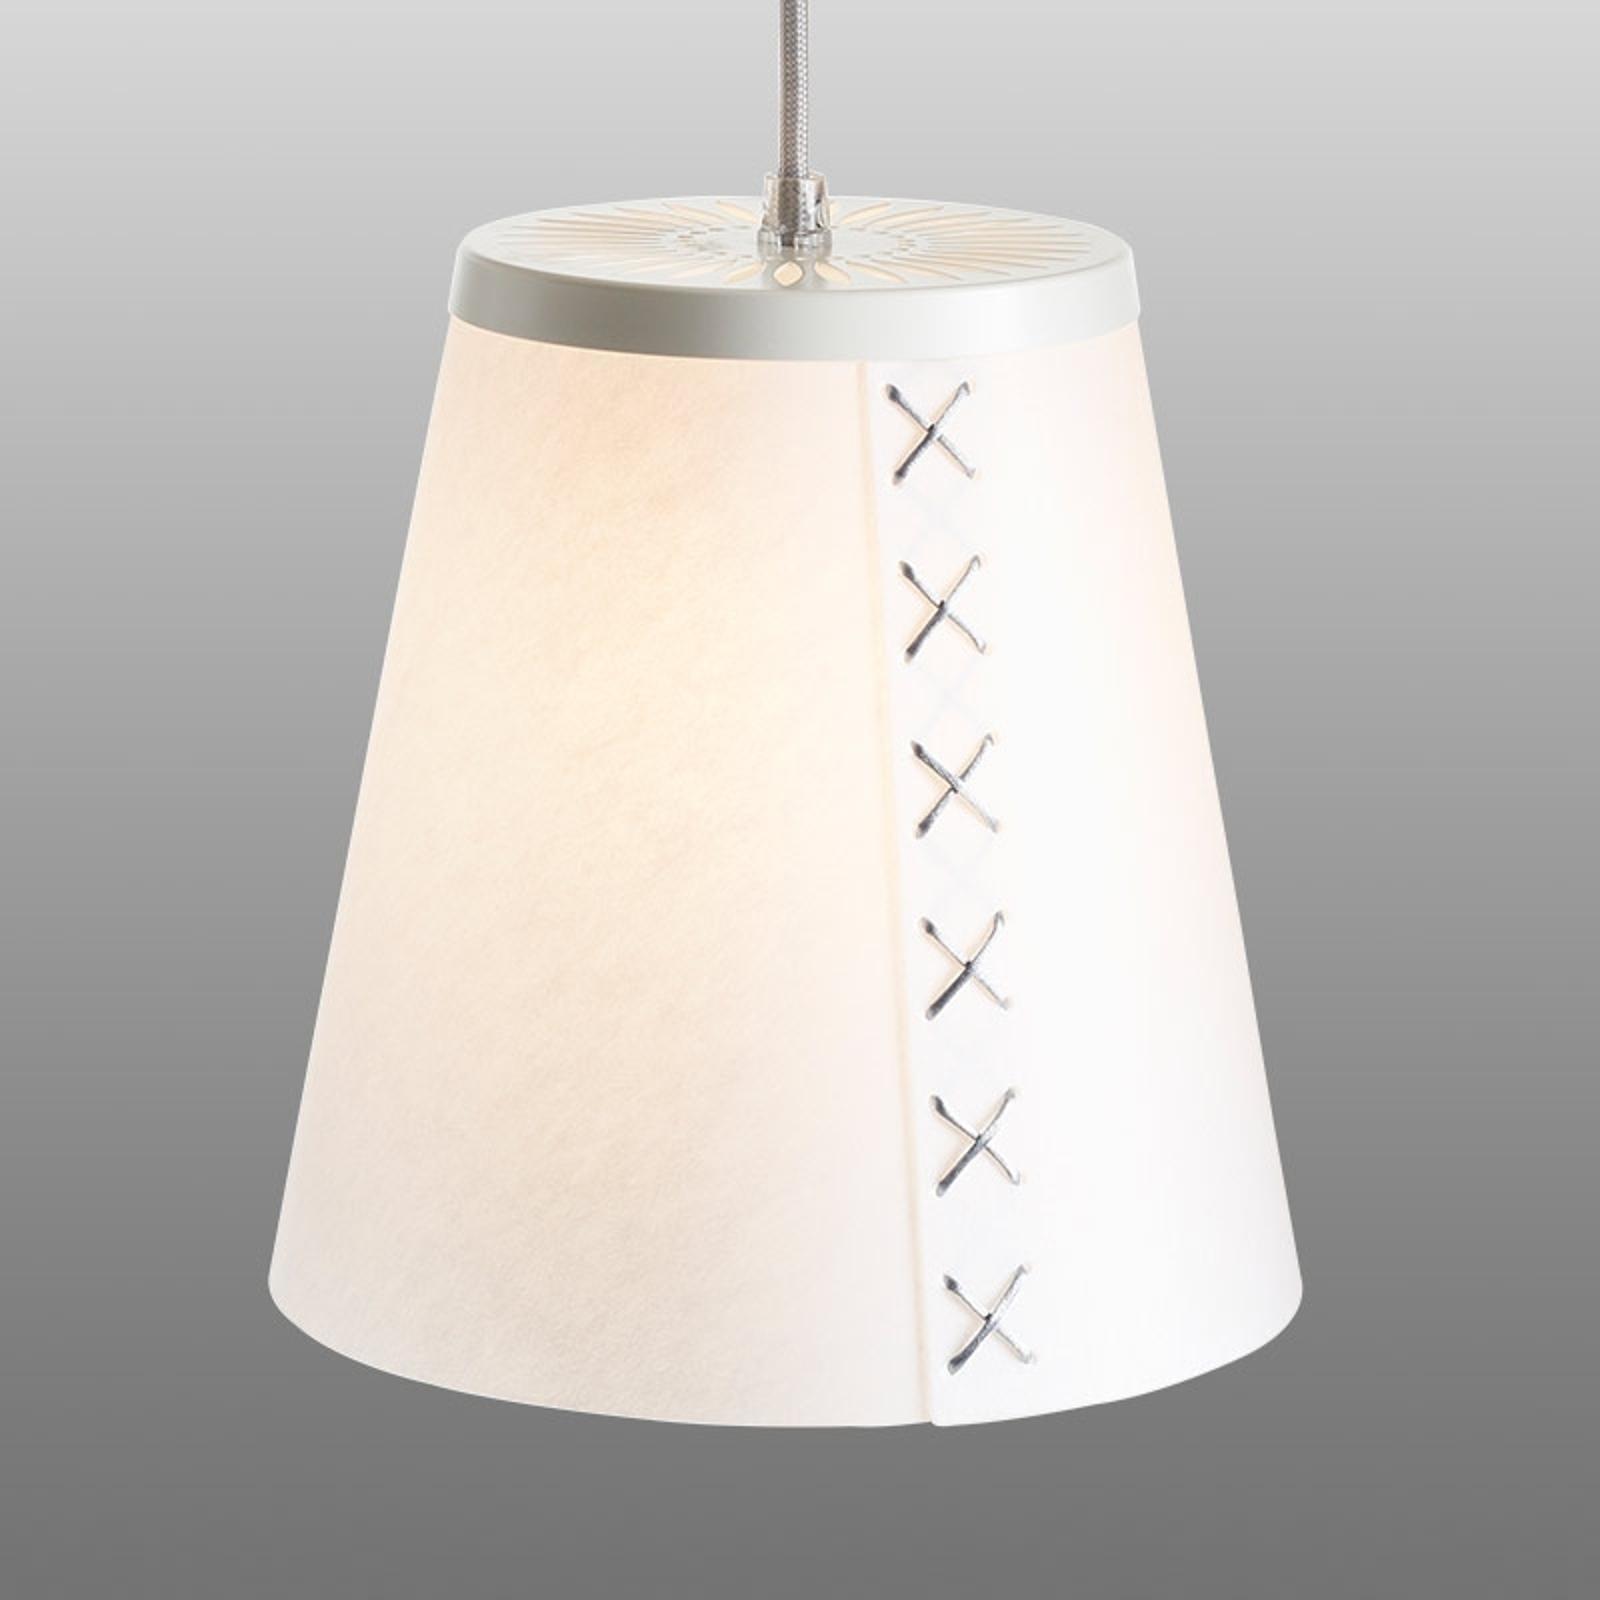 Flör závěsné světlo z lunopalu, stříbrný kabel